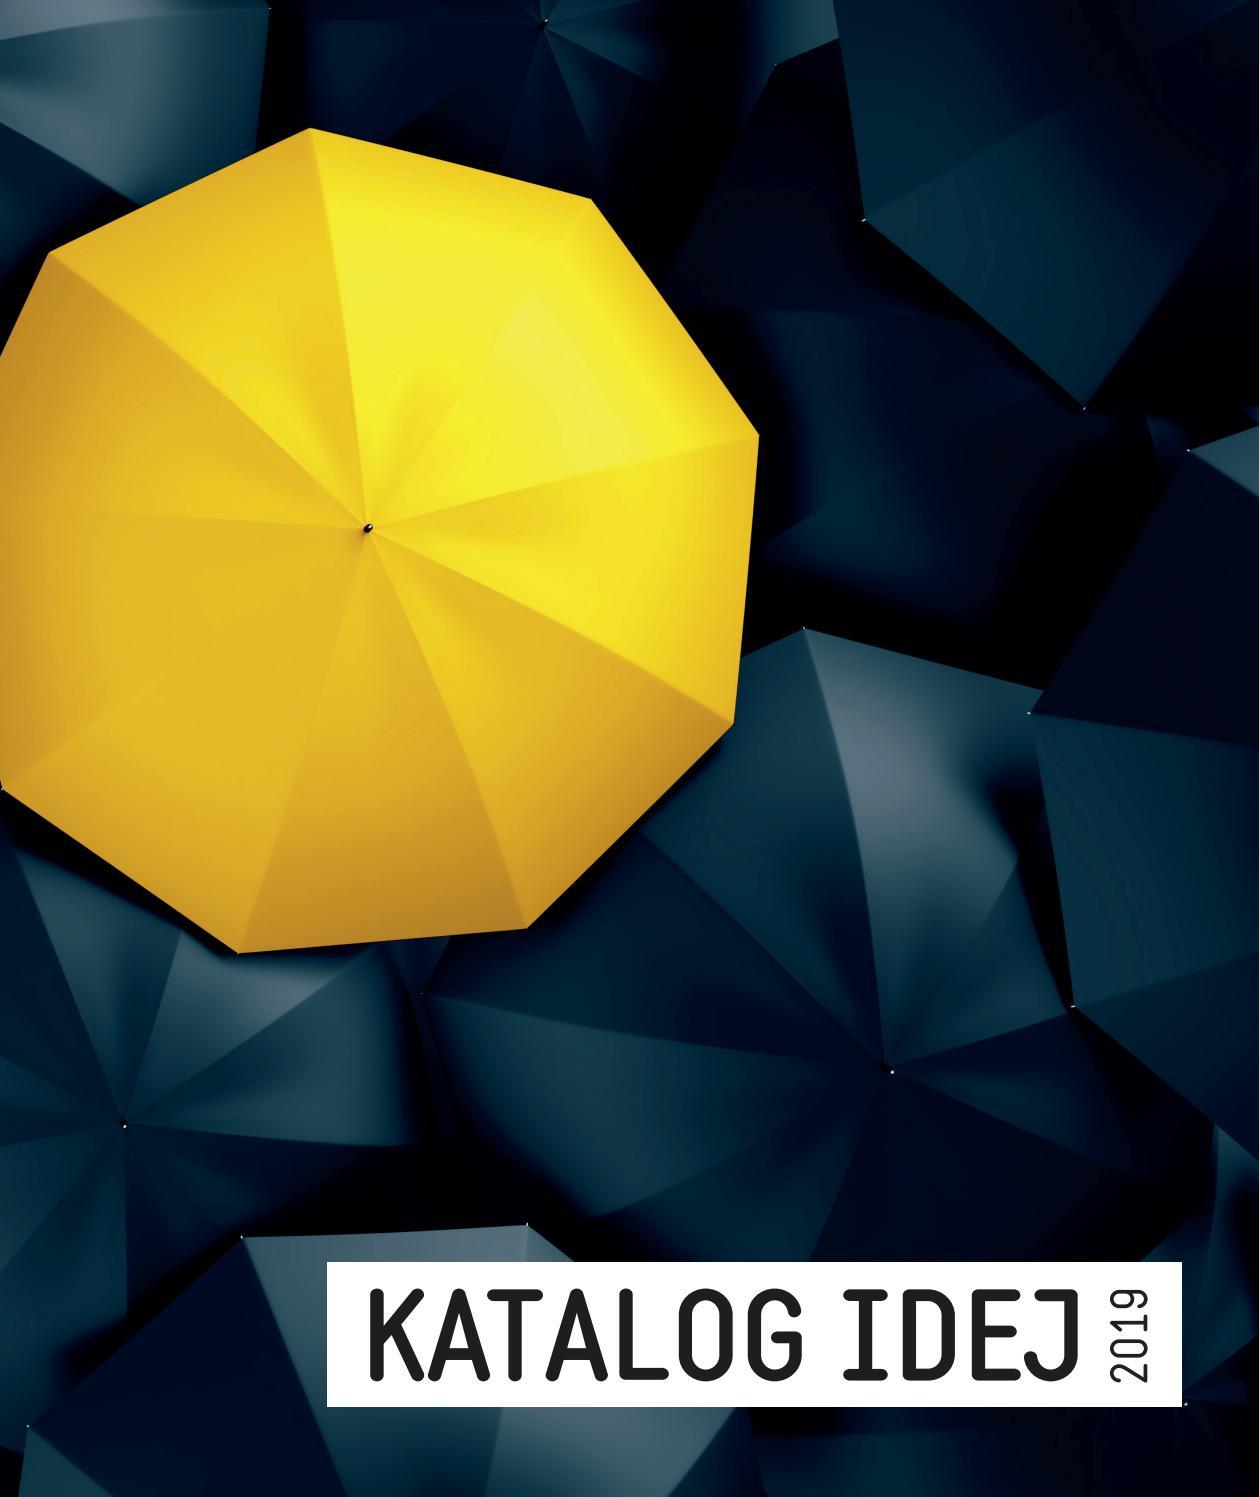 Veliki Katalog Idej Za Promocijo 2019 2020 By Podoba Issuu